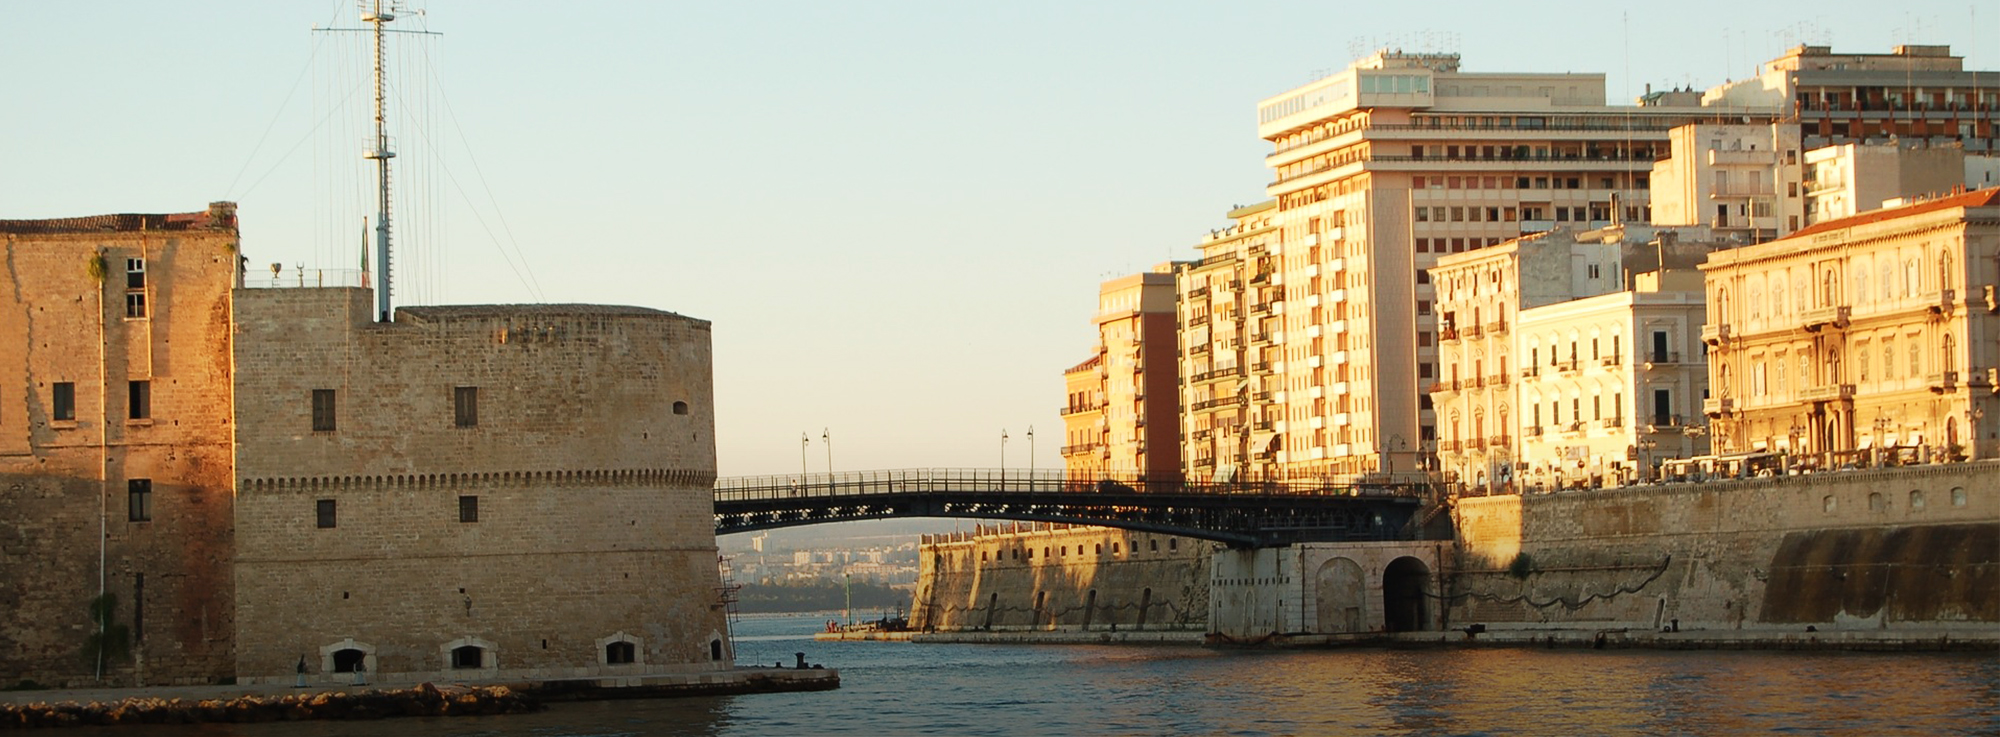 Taranto: La Casa dei Nerd